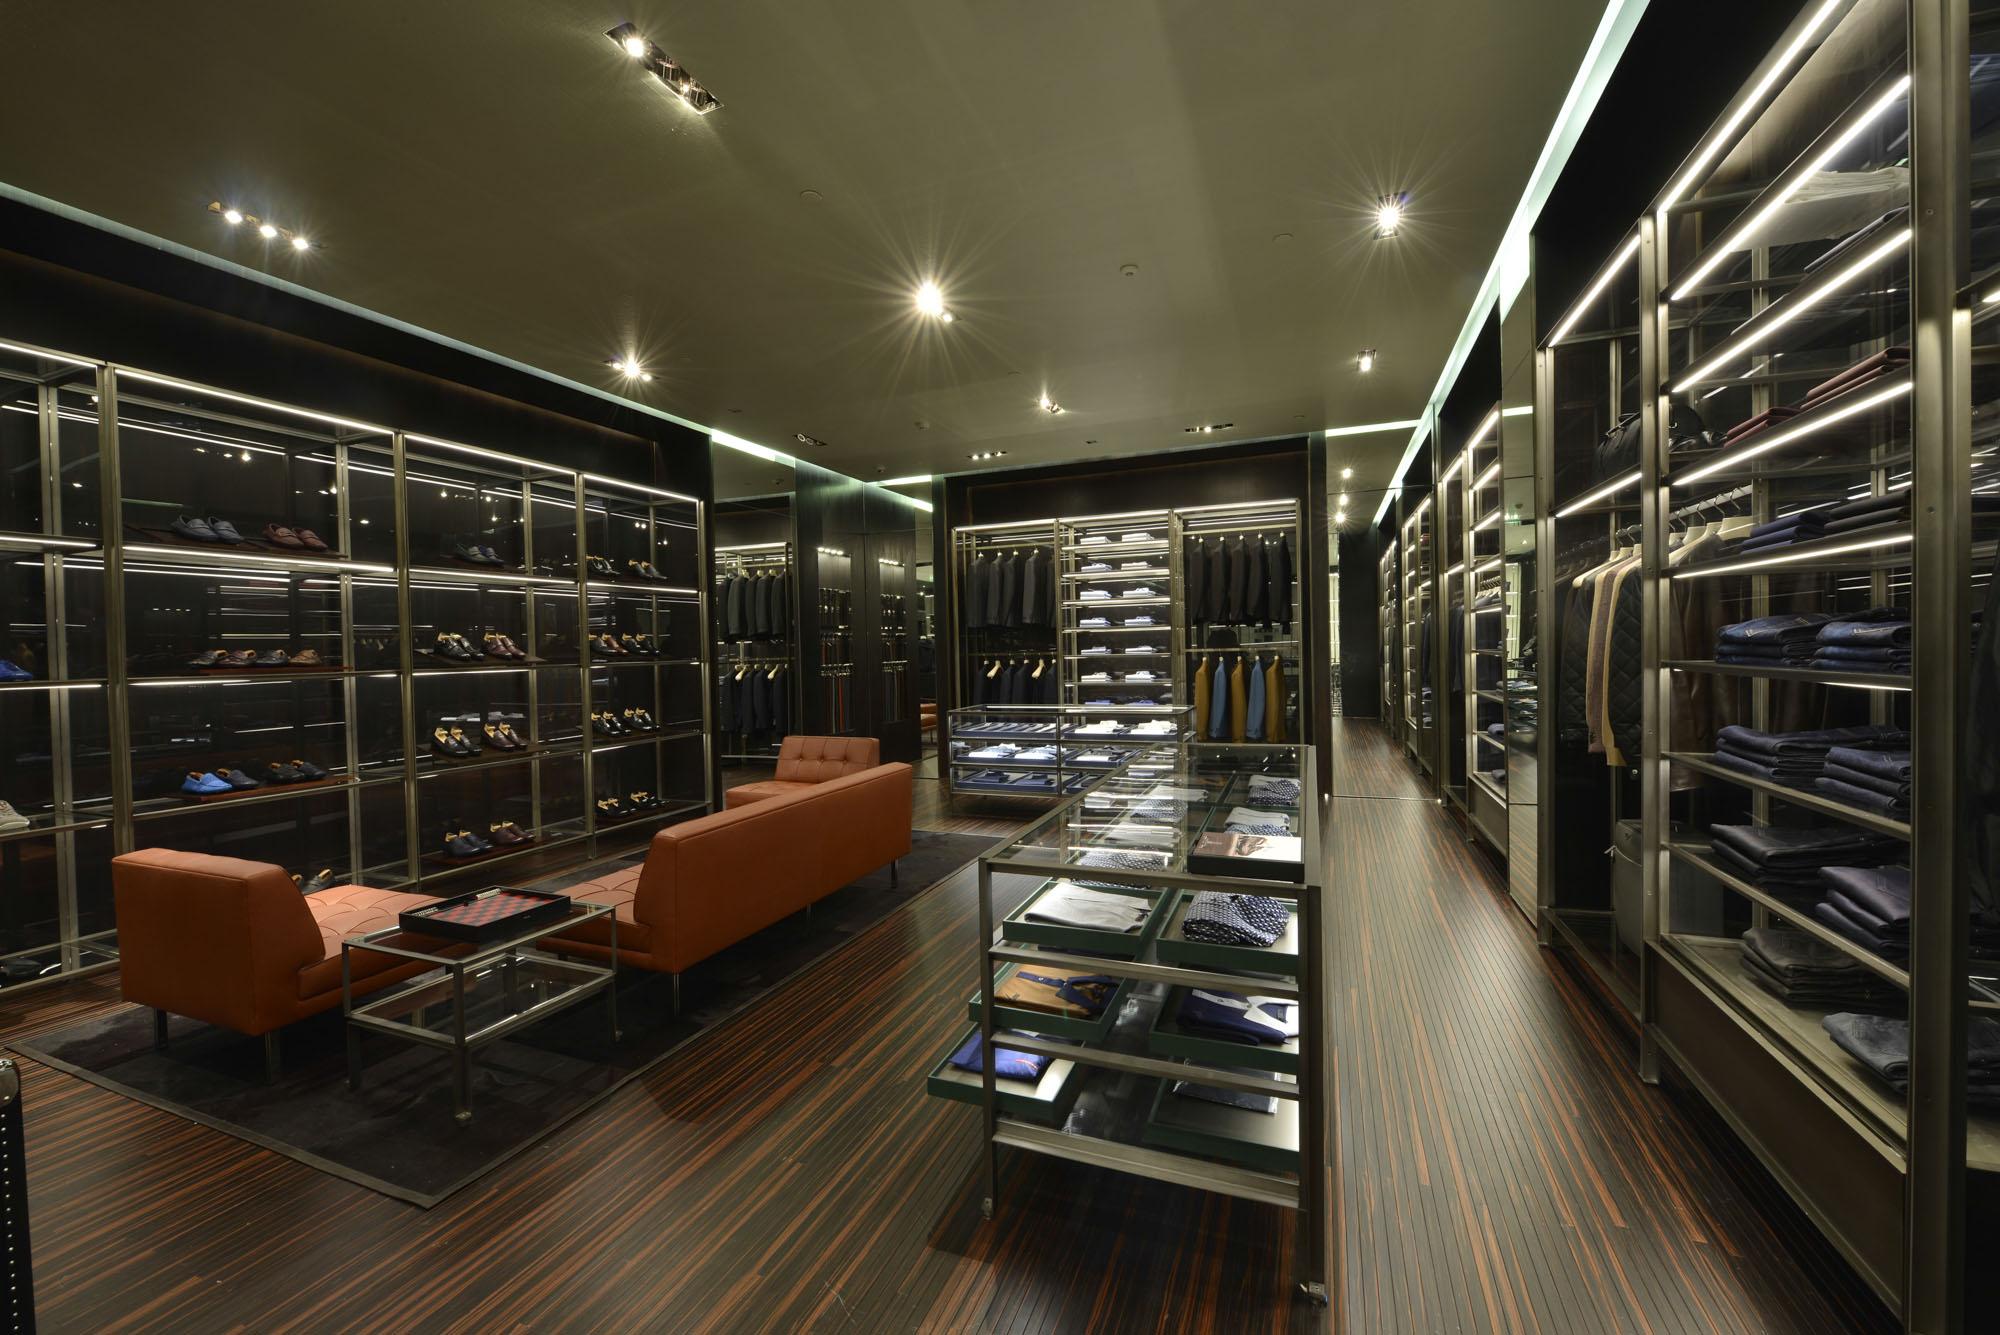 7e6cb465f Galeria de Fotos Por dentro da nova loja da Prada no shopping Cidade Jardim  em SP // Foto 3 // Notícias // FFW